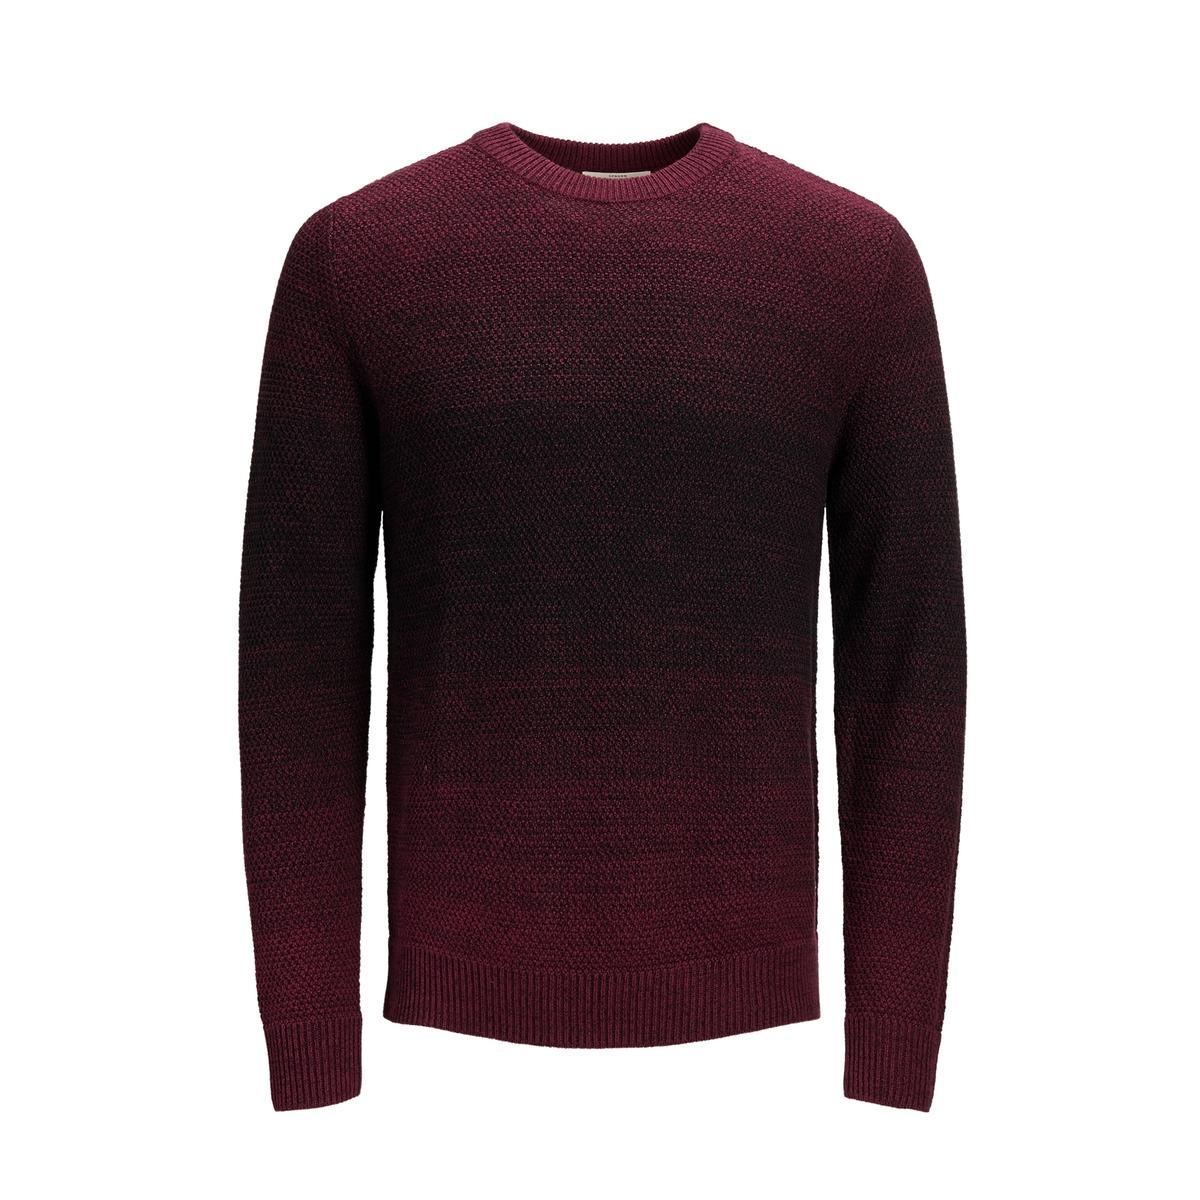 Пуловер La Redoute С круглым вырезом из тонкого трикотажа L красный пуловер la redoute с круглым вырезом из тонкого трикотажа l красный